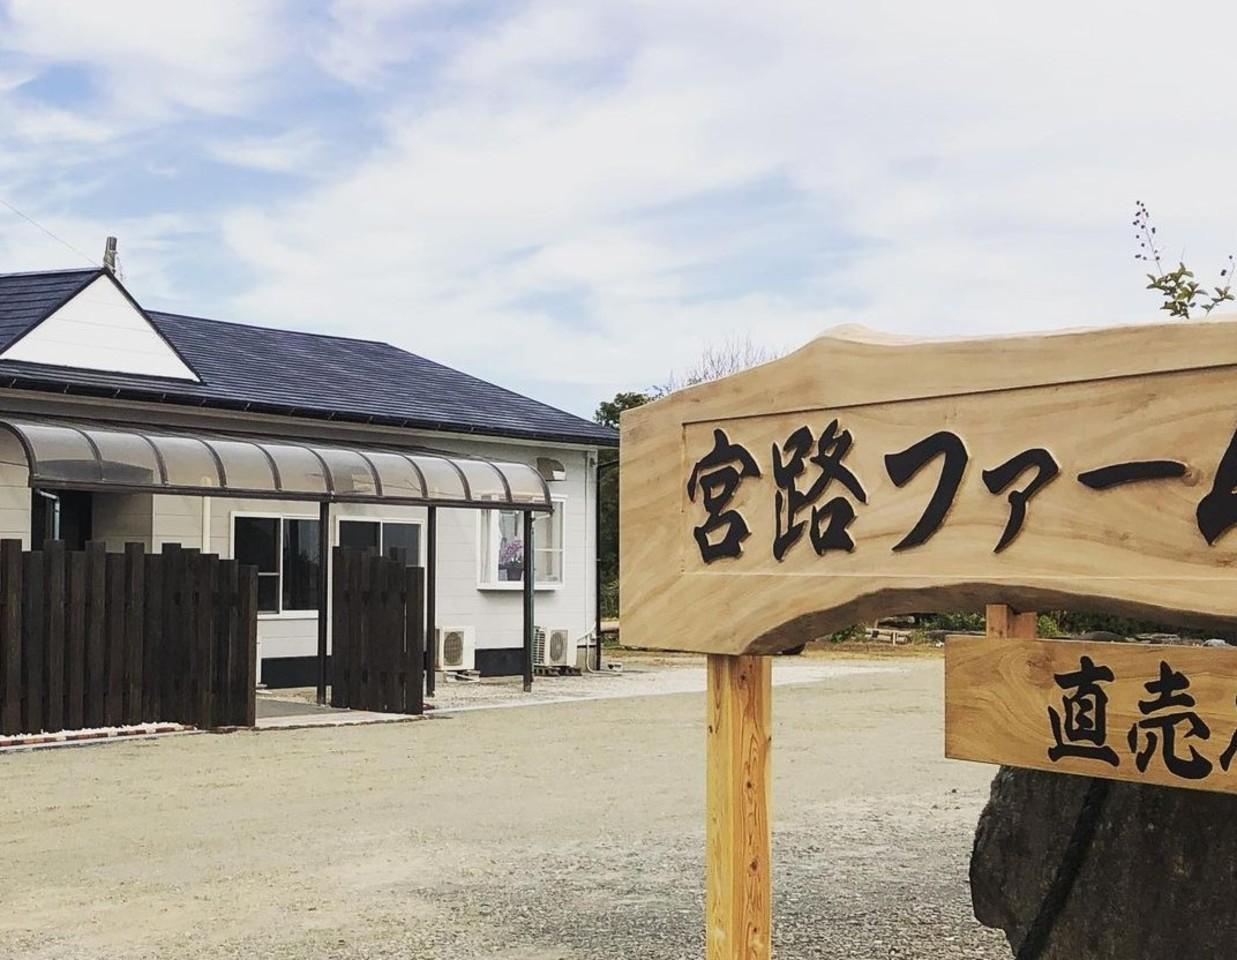 鹿児島県出水郡長島町鷹巣に「宮路ファーム直売店」が昨日グランドオープンされたようです。